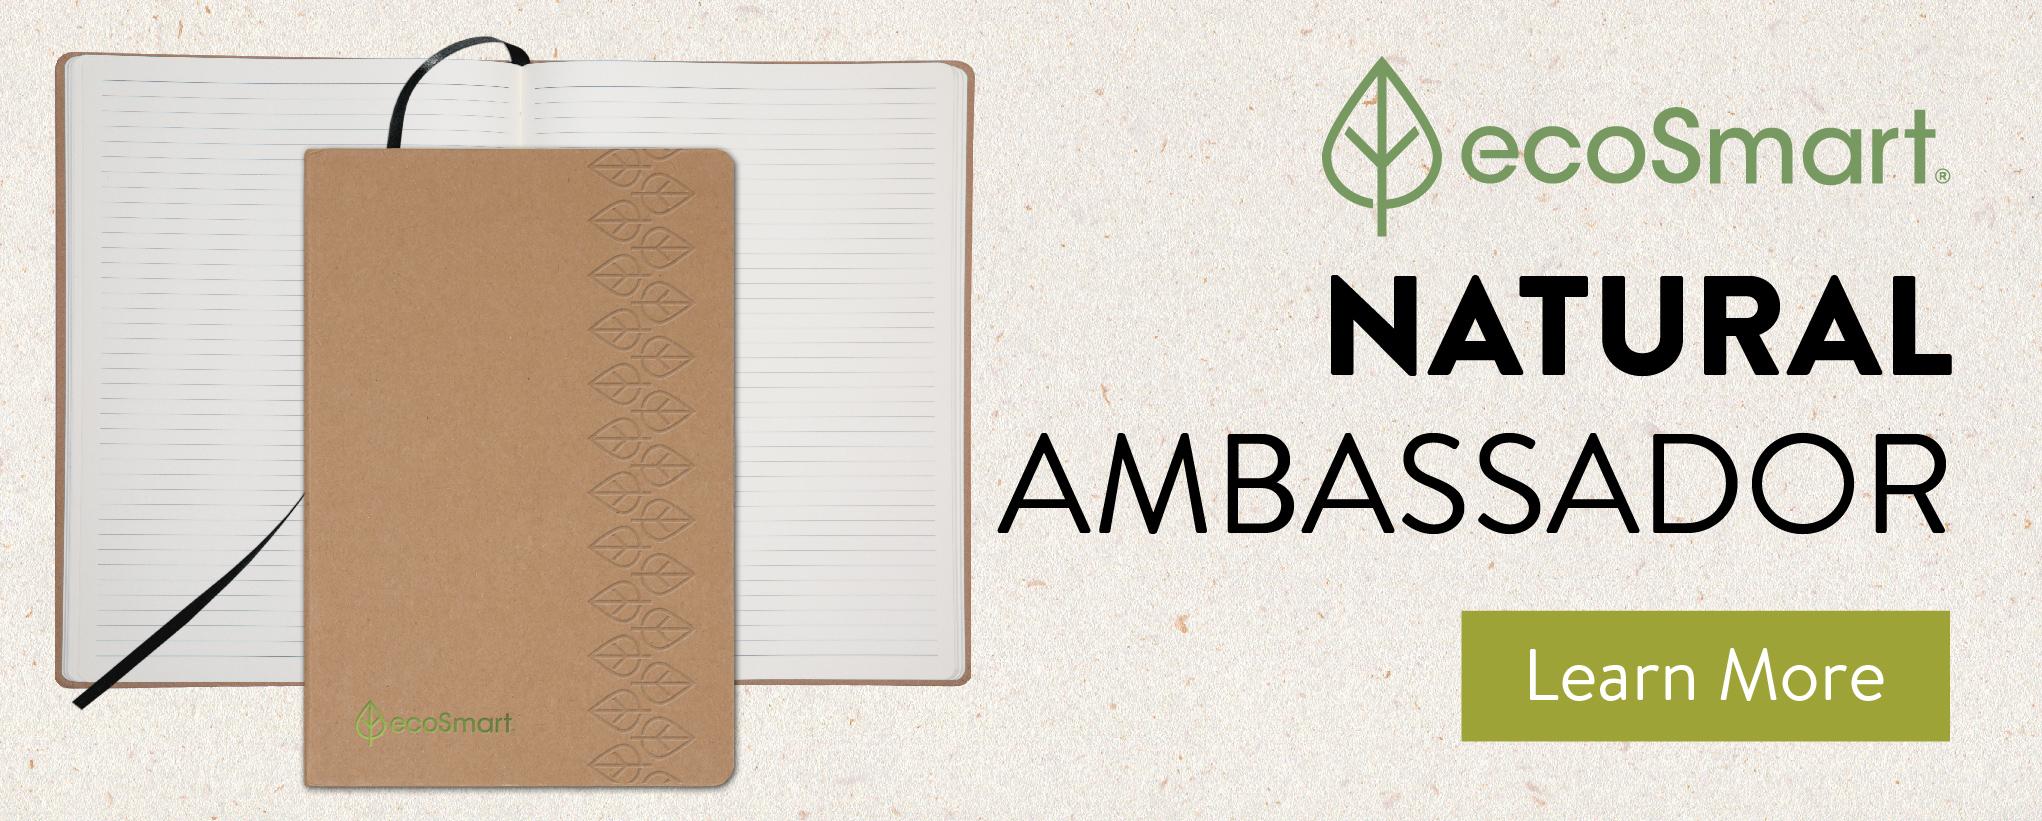 EcoSmart Natural Ambassador